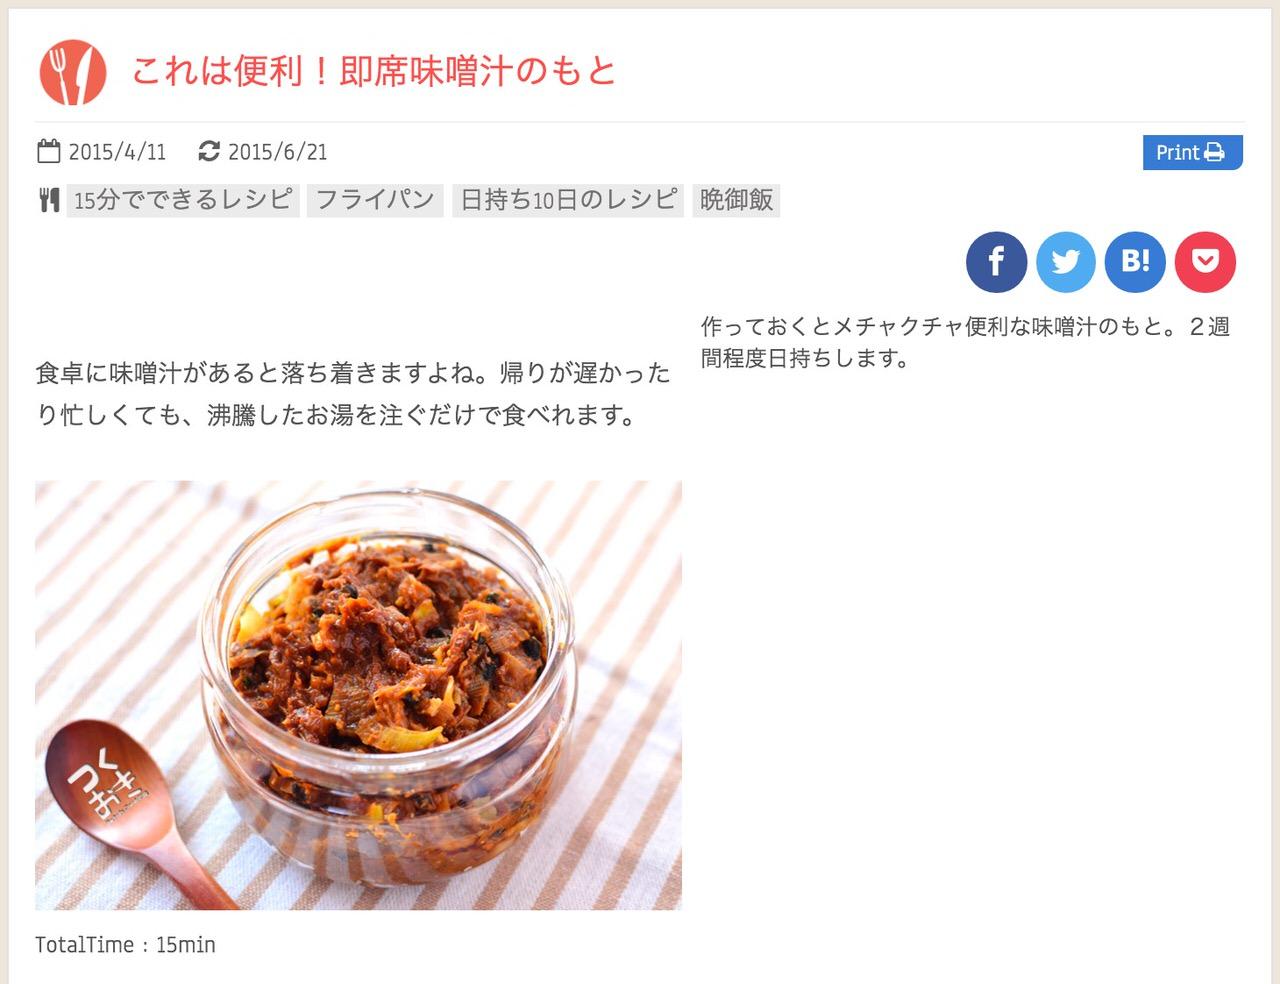 【レシピ】長ネギと味噌で自作する即席みそ汁のもと